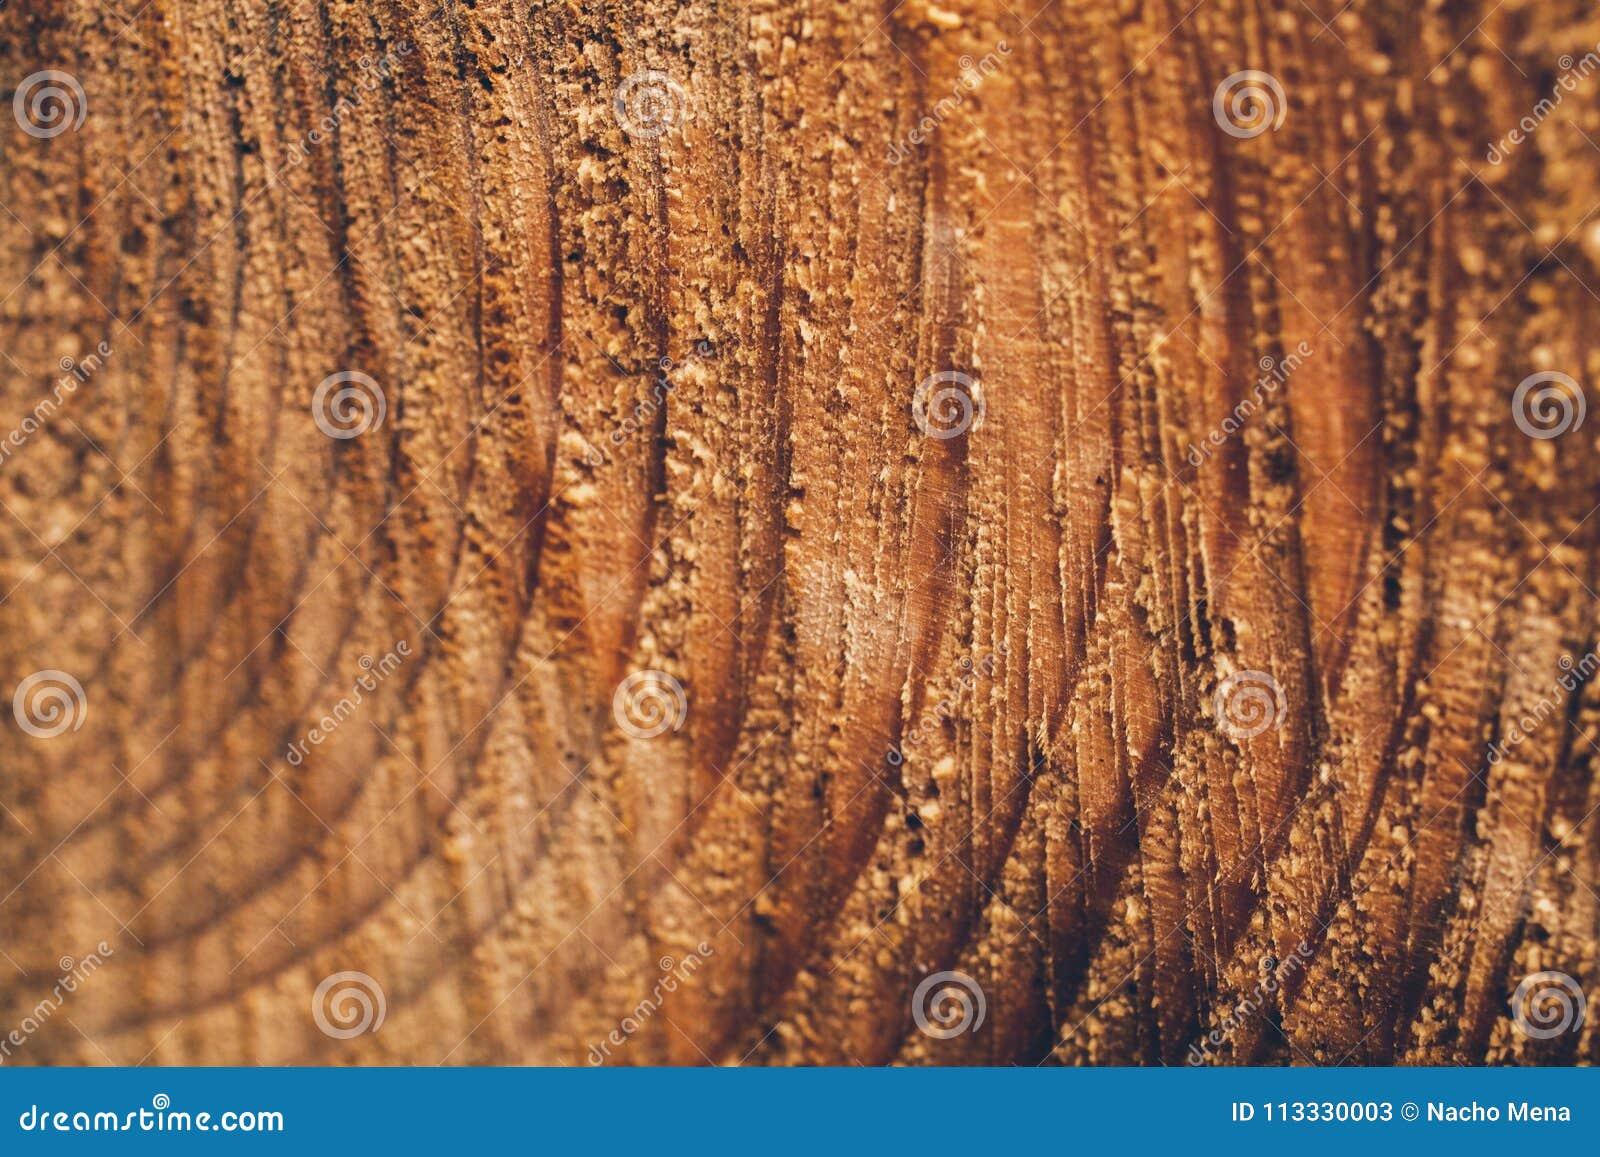 macro texture de tronc d 39 arbre coup tron on de pin texture et fond en bois pour la conception. Black Bedroom Furniture Sets. Home Design Ideas